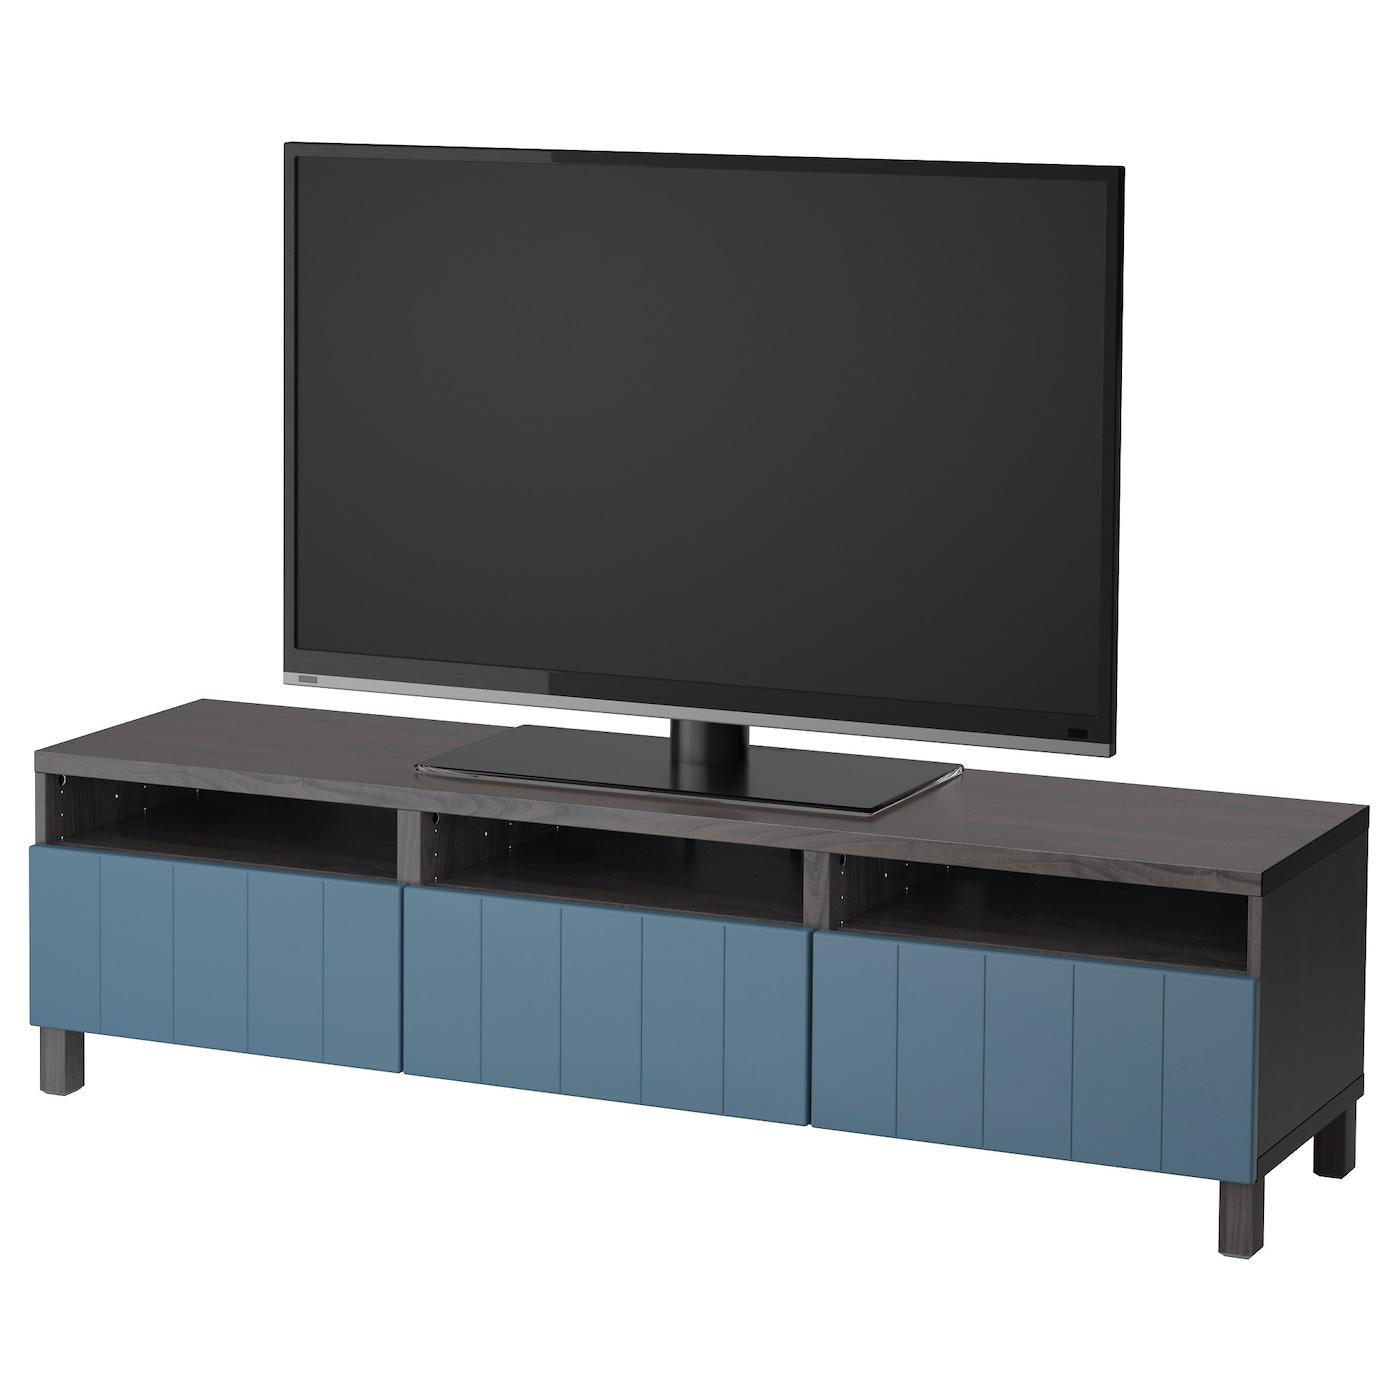 Best Tv Bench With Drawers Black Brown Hallstavik Dark Blue 180x40x48 Cm Ikea